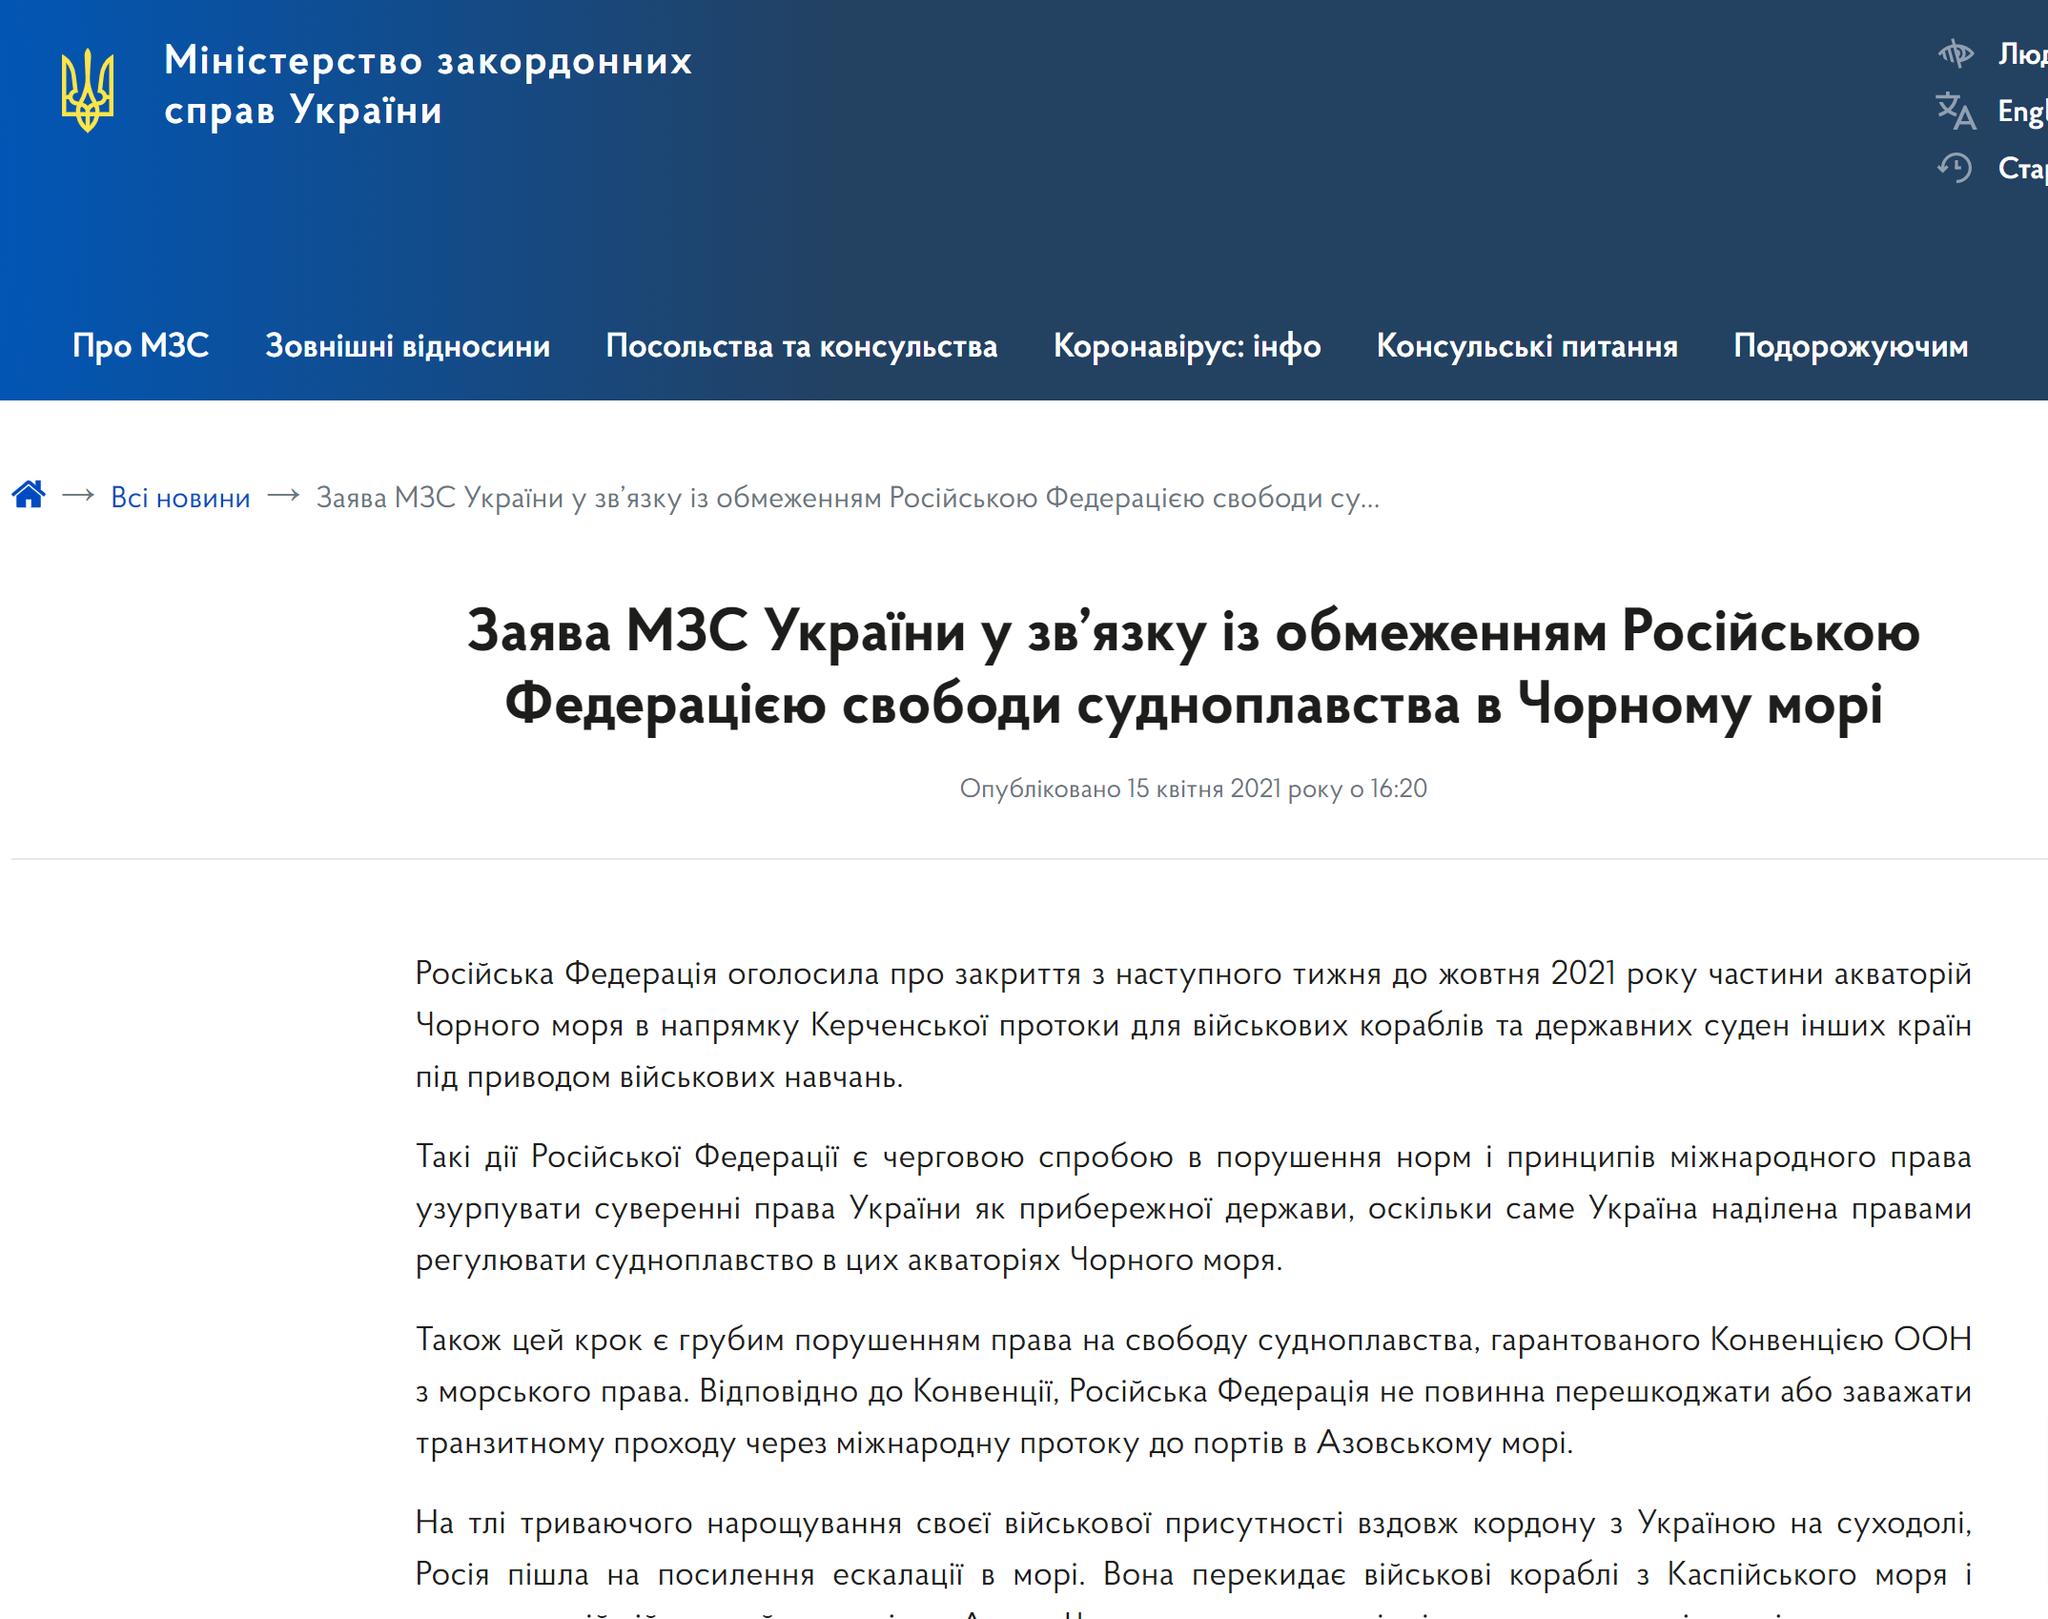 乌克兰外交部抗议俄罗斯封锁刻赤海峡 阻碍船只通行